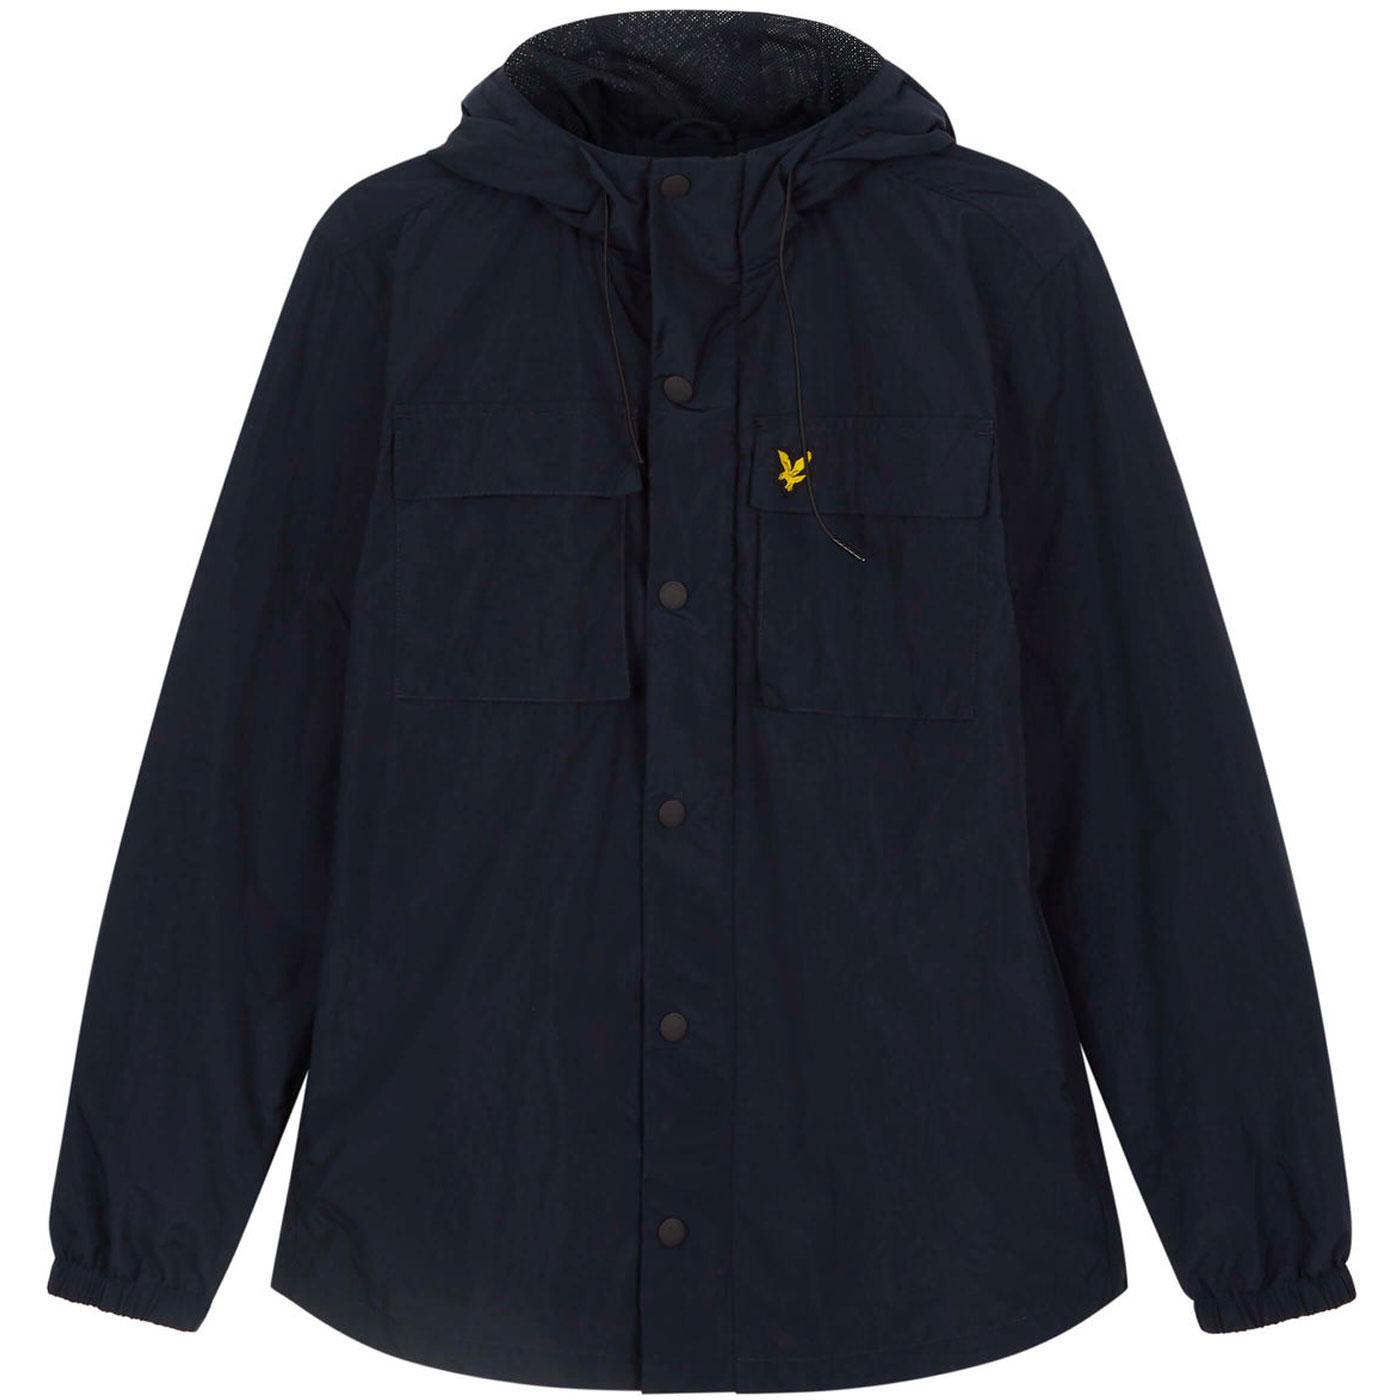 LYLE & SCOTT Retro Hooded Pocket Terrace Jacket N